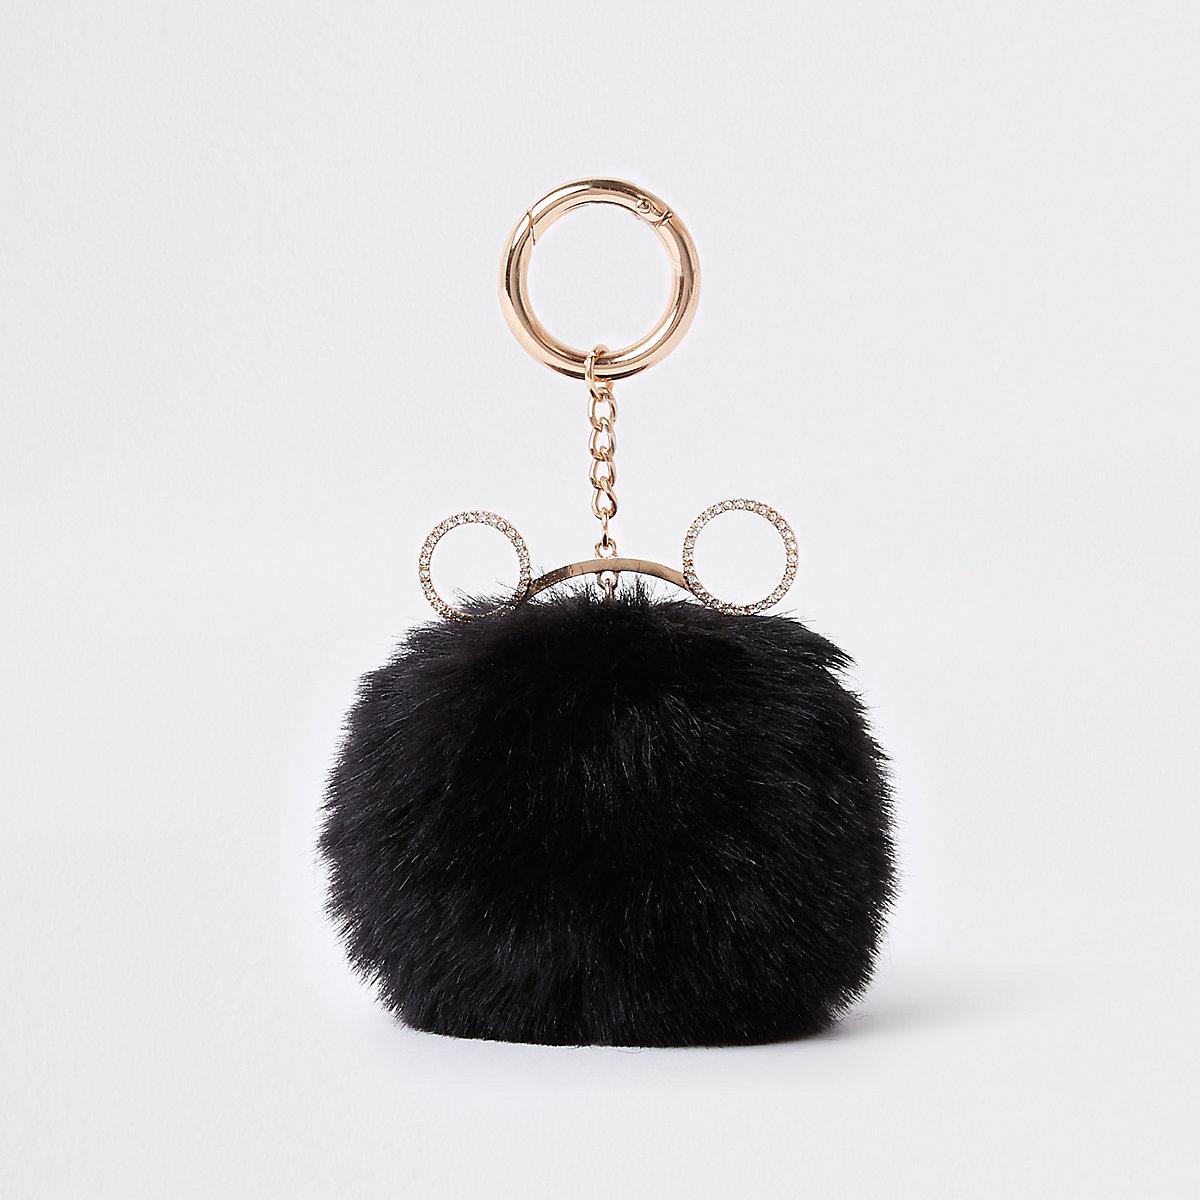 Zwarte sleutelring met kattenoor en pompon van imitatiebont